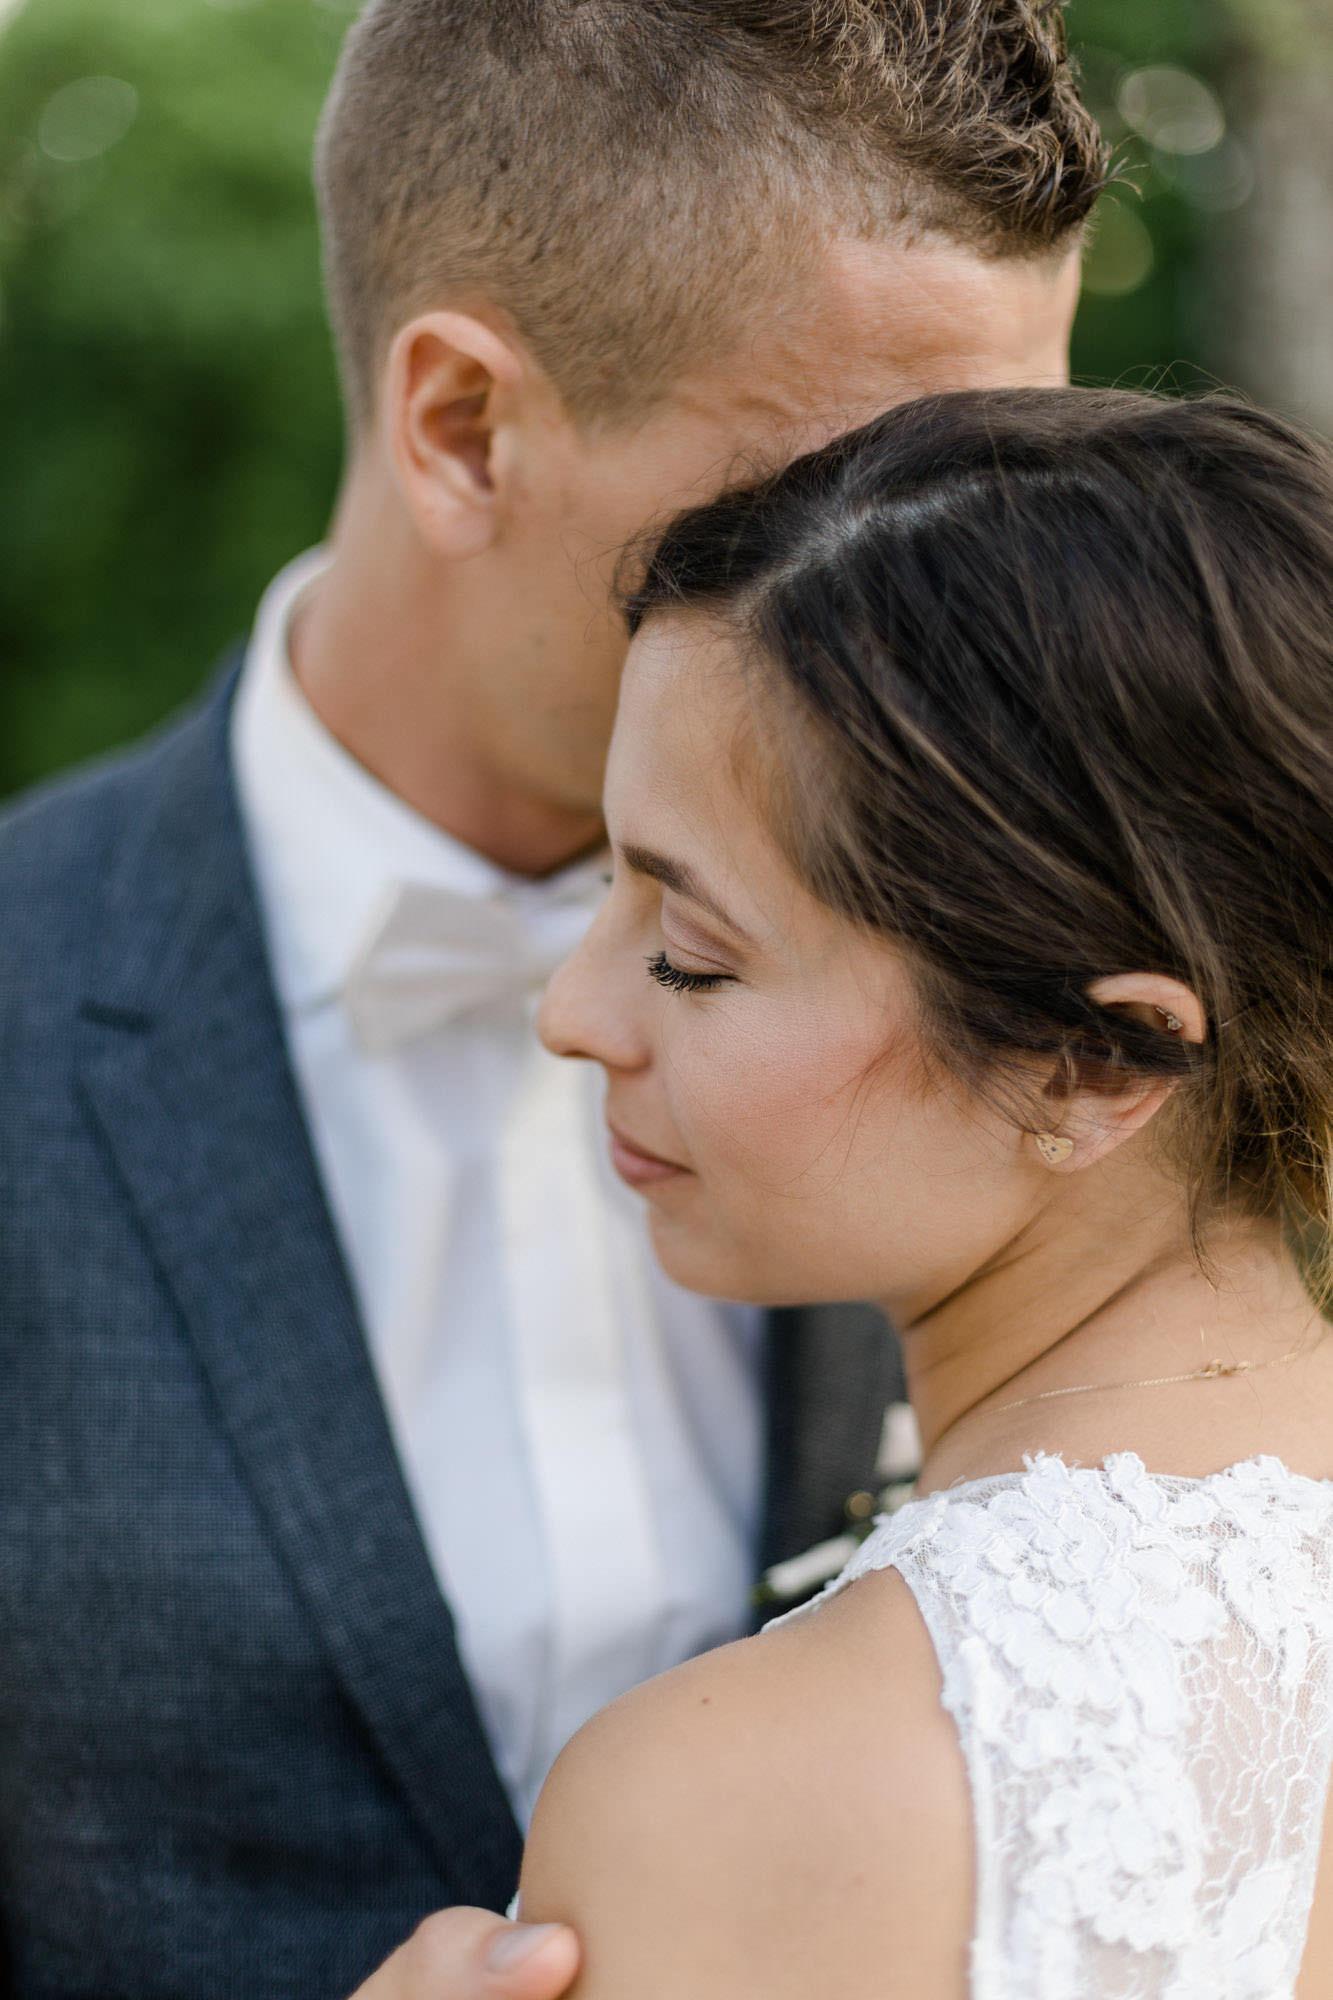 www.yvonneandrolland.com/gallery/verena-mathias/Hochzeit-GutMergenthau-40.jpg Hochzeit Verena & Mathias, Gut Mergenthau, Kissing - Hochzeitsreportage fotografiert von Yvonne & Rolland Photography